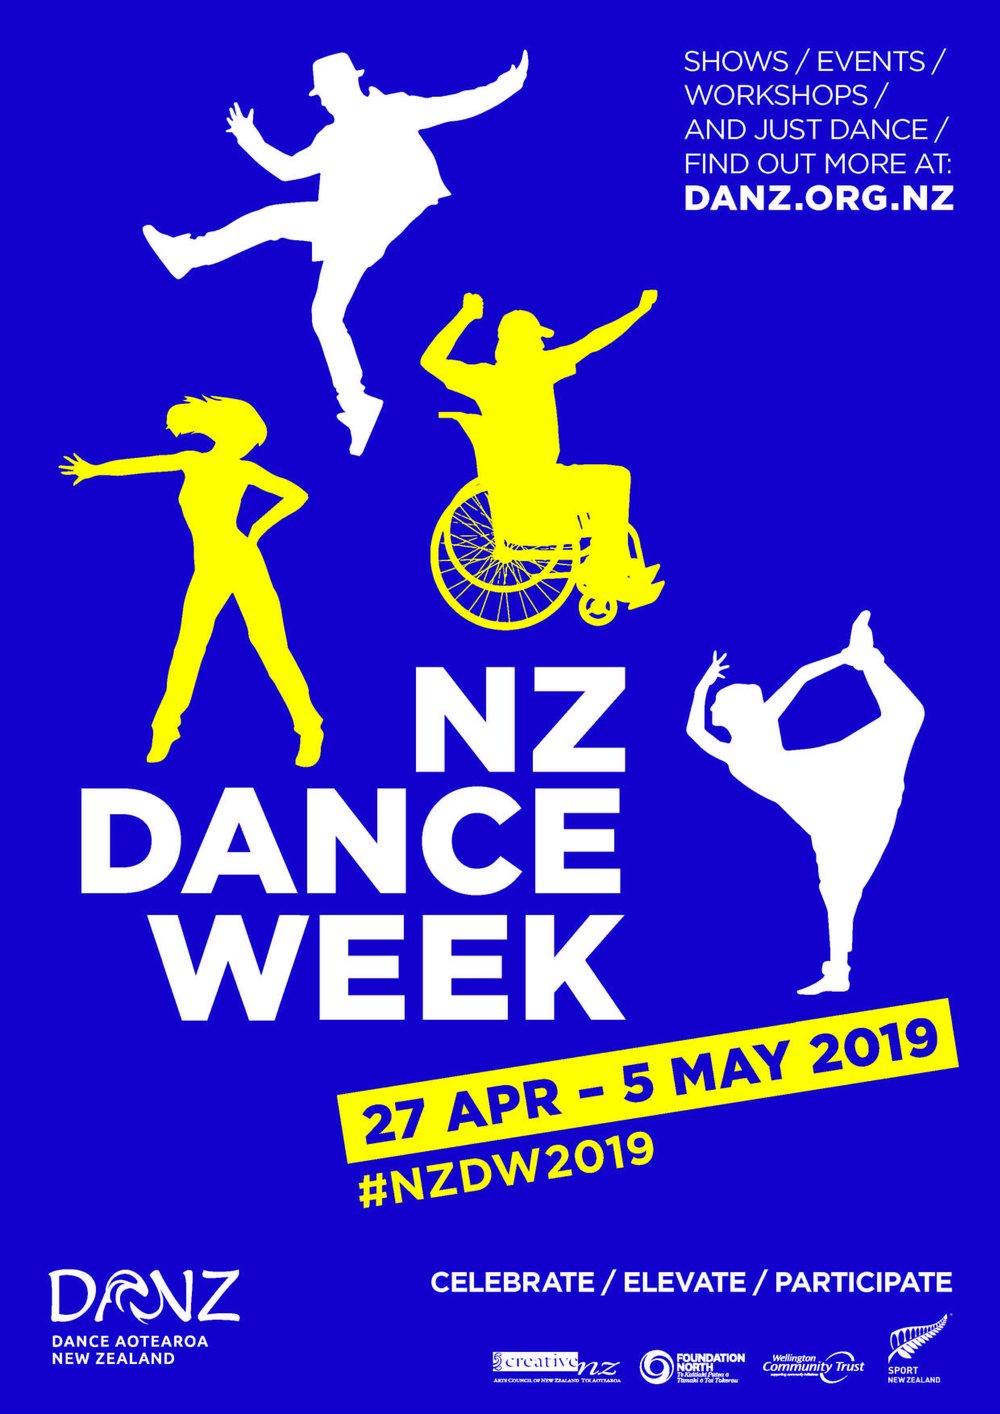 DANZ Dance Week 2019 poster A4_007_no crops.jpg